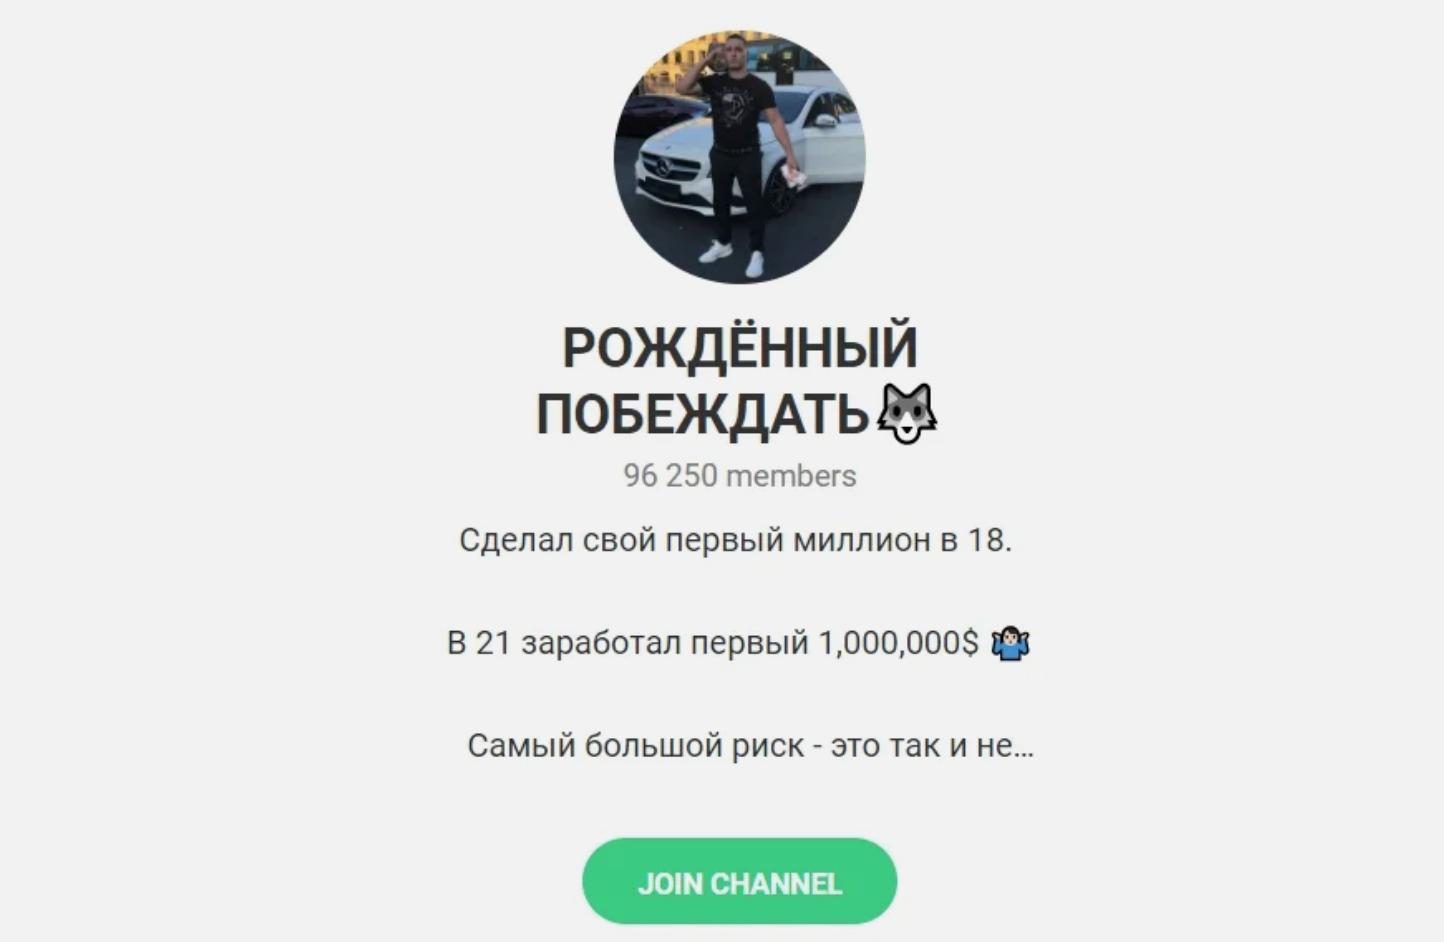 Телеграм канал Рожденный побеждать (Эльнур Багиров)